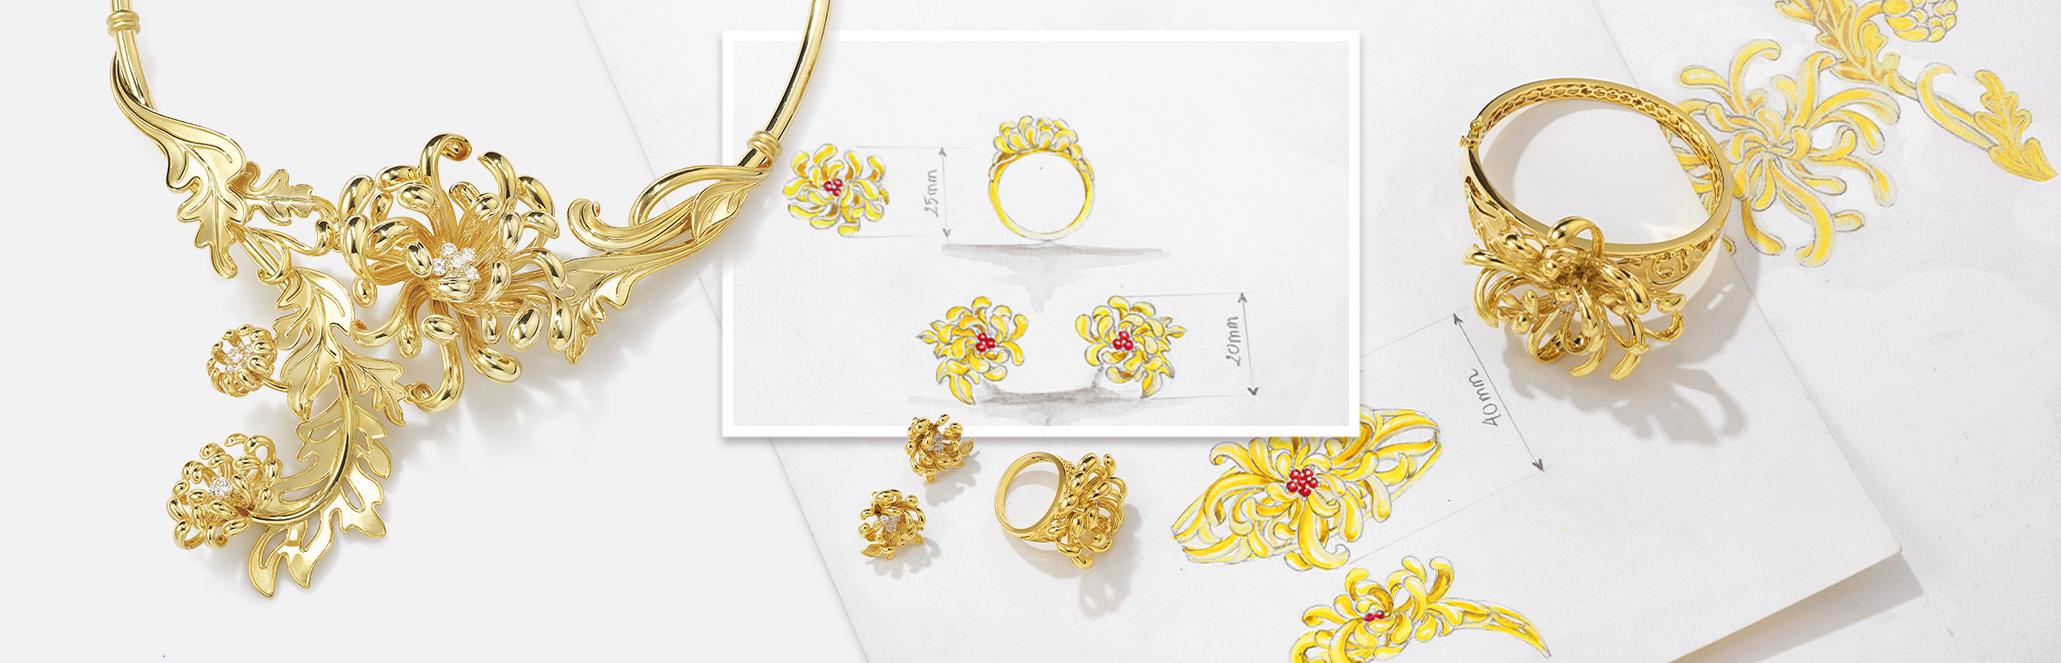 Bộ sưu tập Cúc Viên Mãn, đính kim cương, vàng 18K